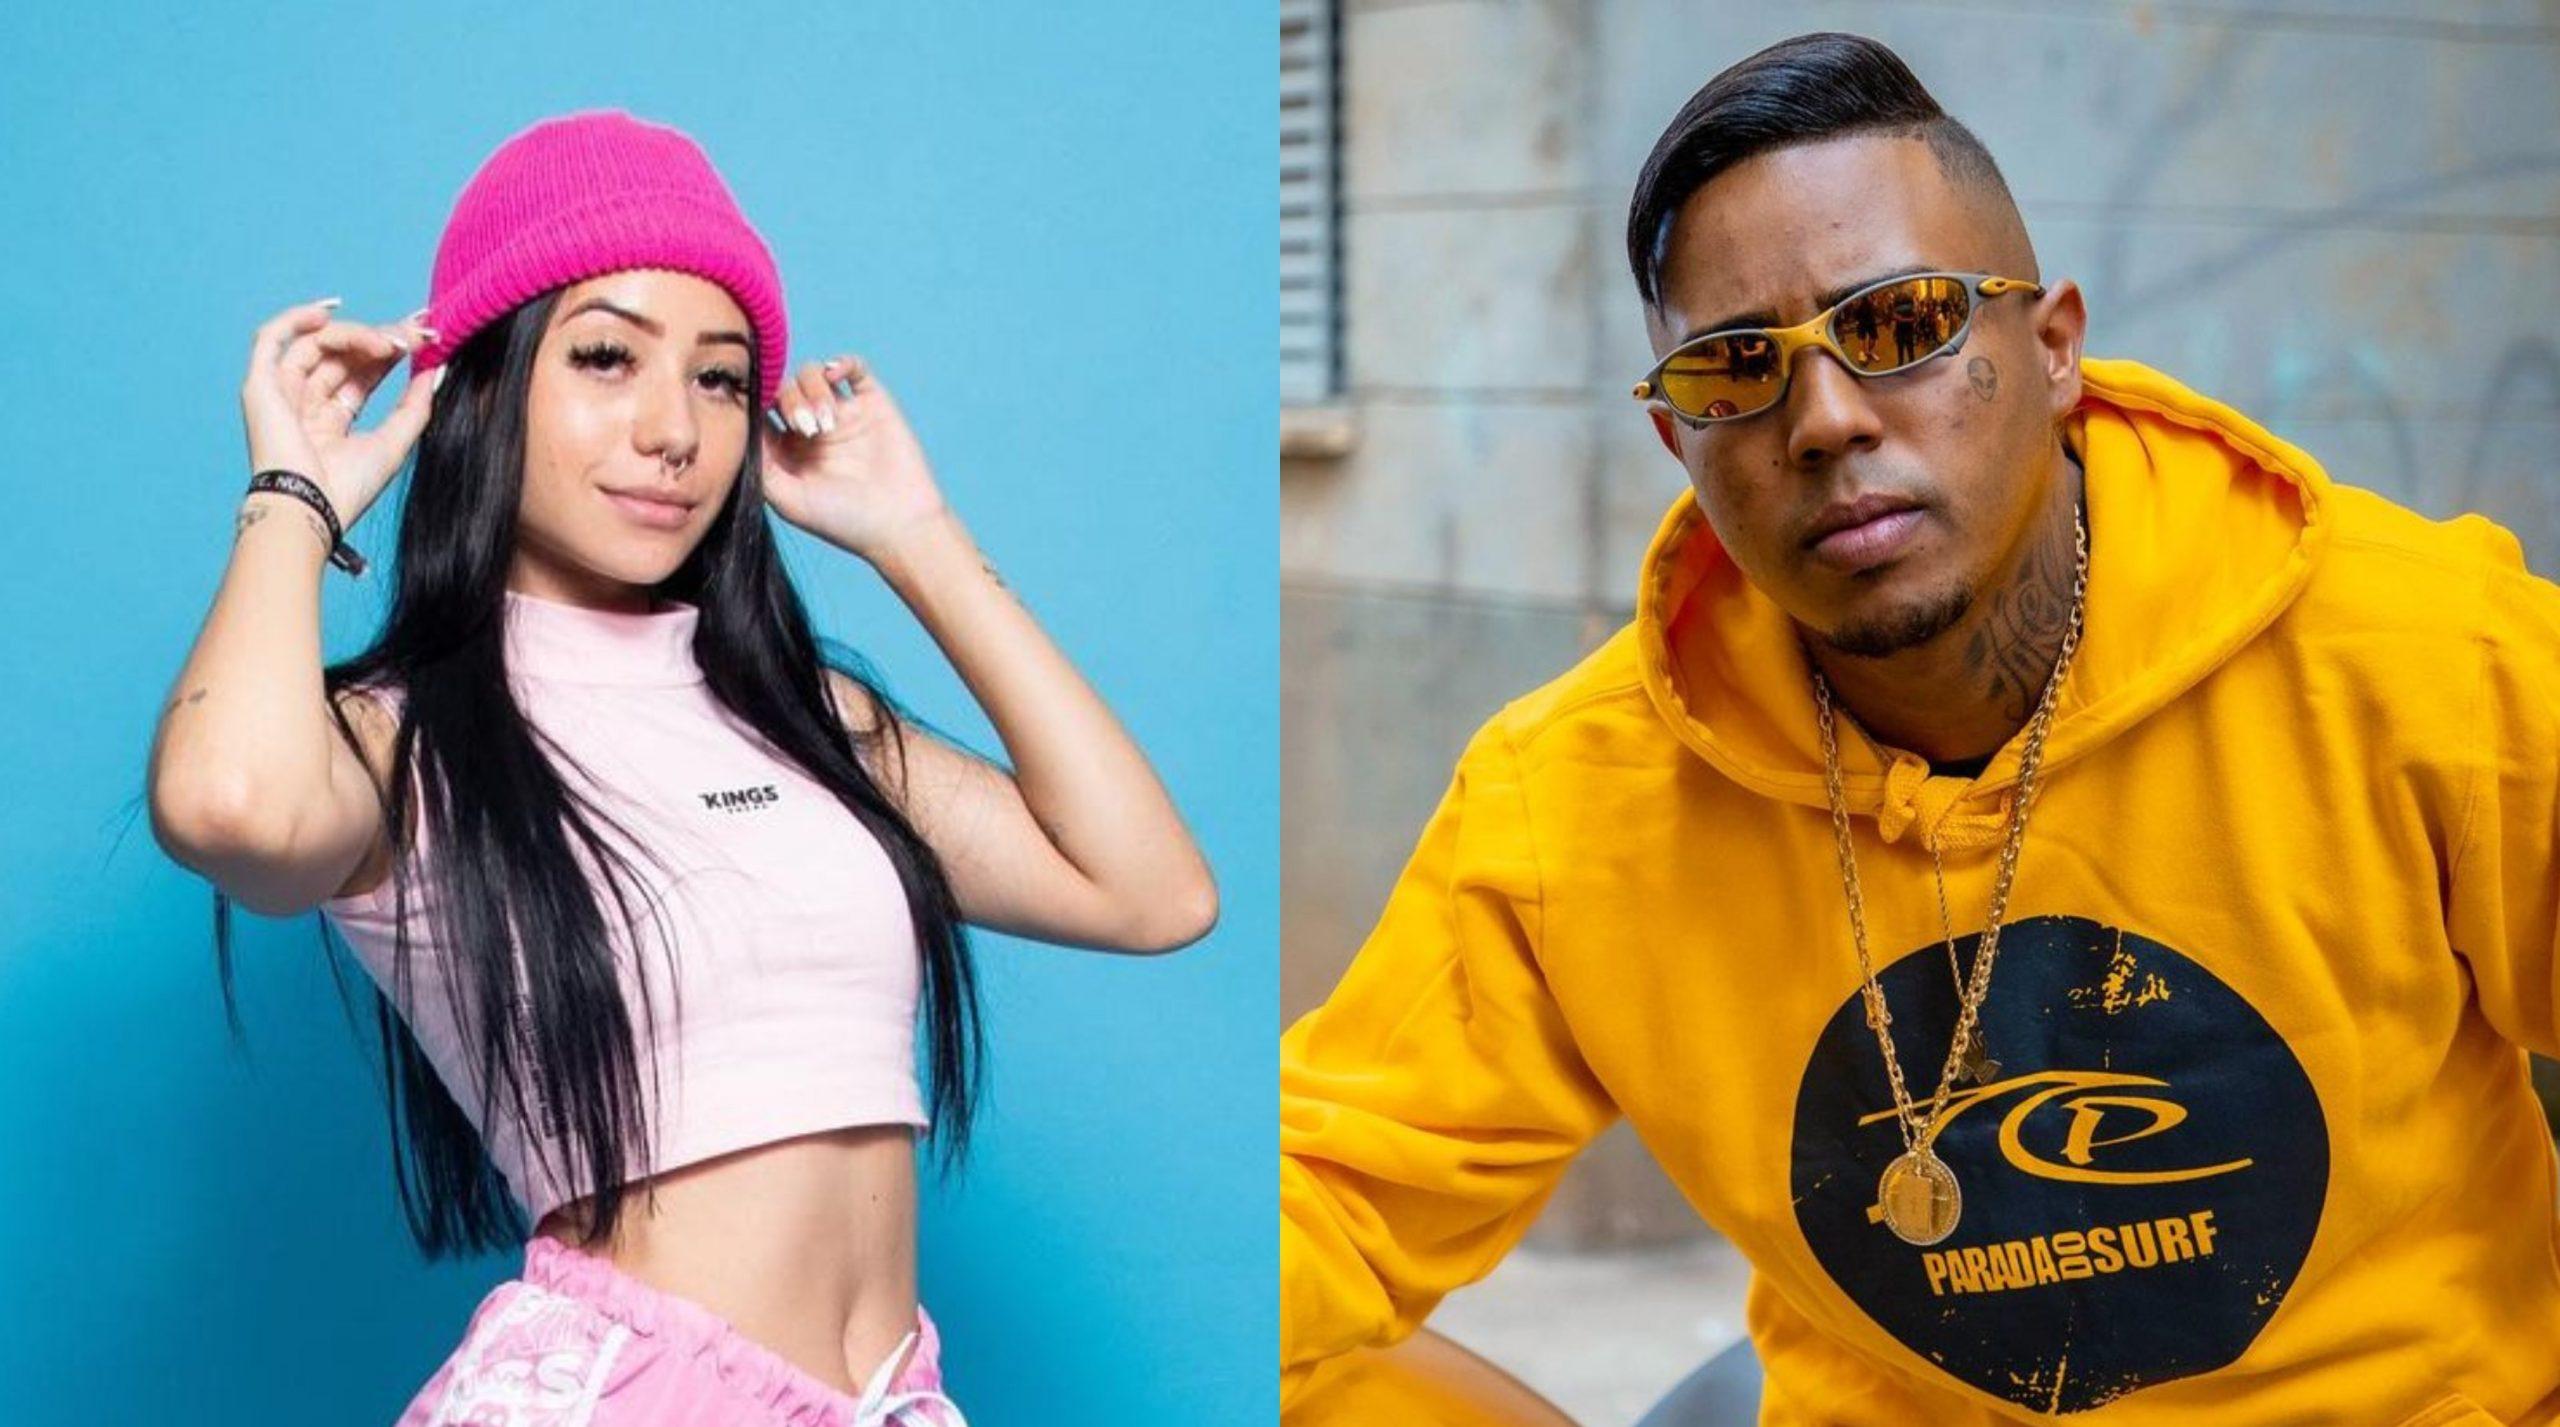 MC DR e Luciana Dadi lançam videoclipe gravado na Mansão Maromba